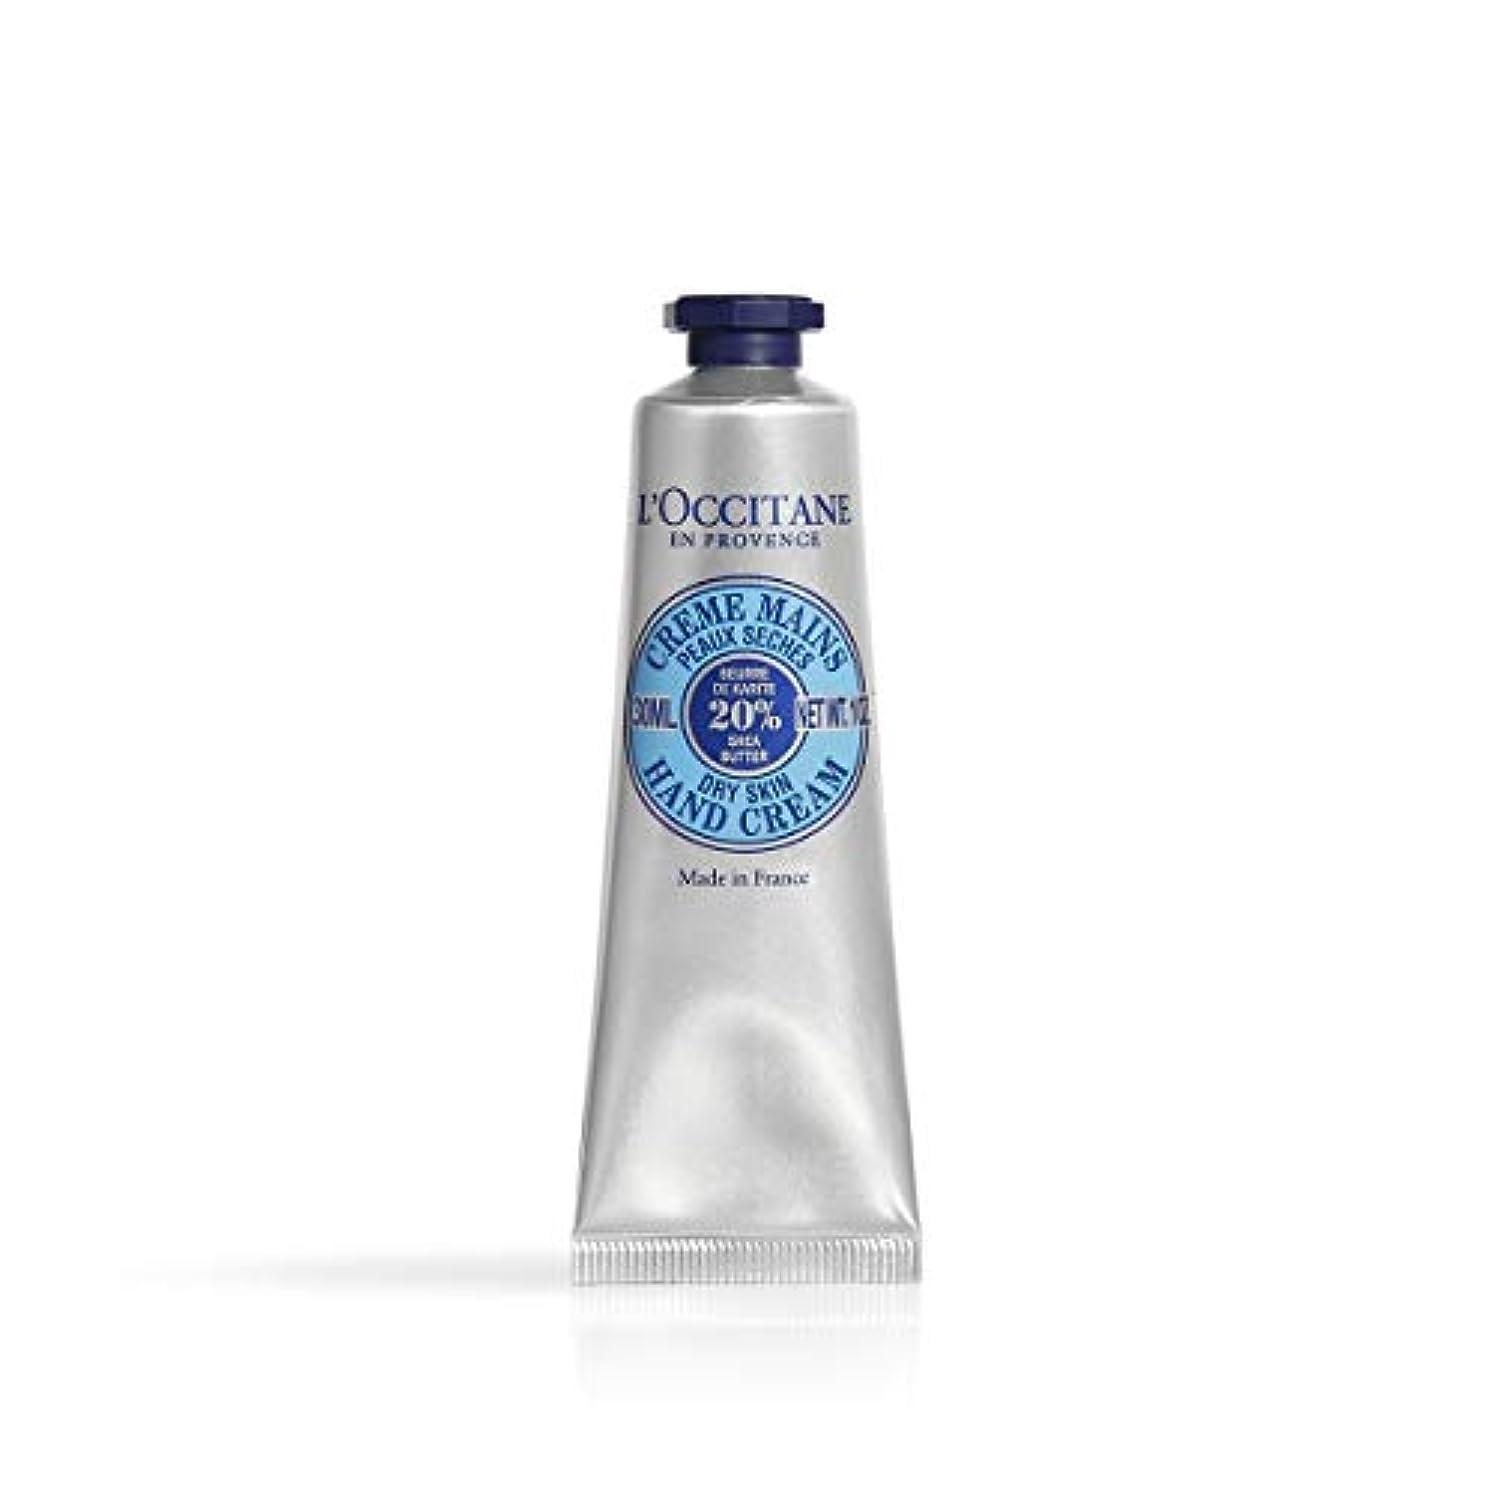 スナック豪華な魔術ロクシタン(L'OCCITANE) シア ハンドクリーム 30ml